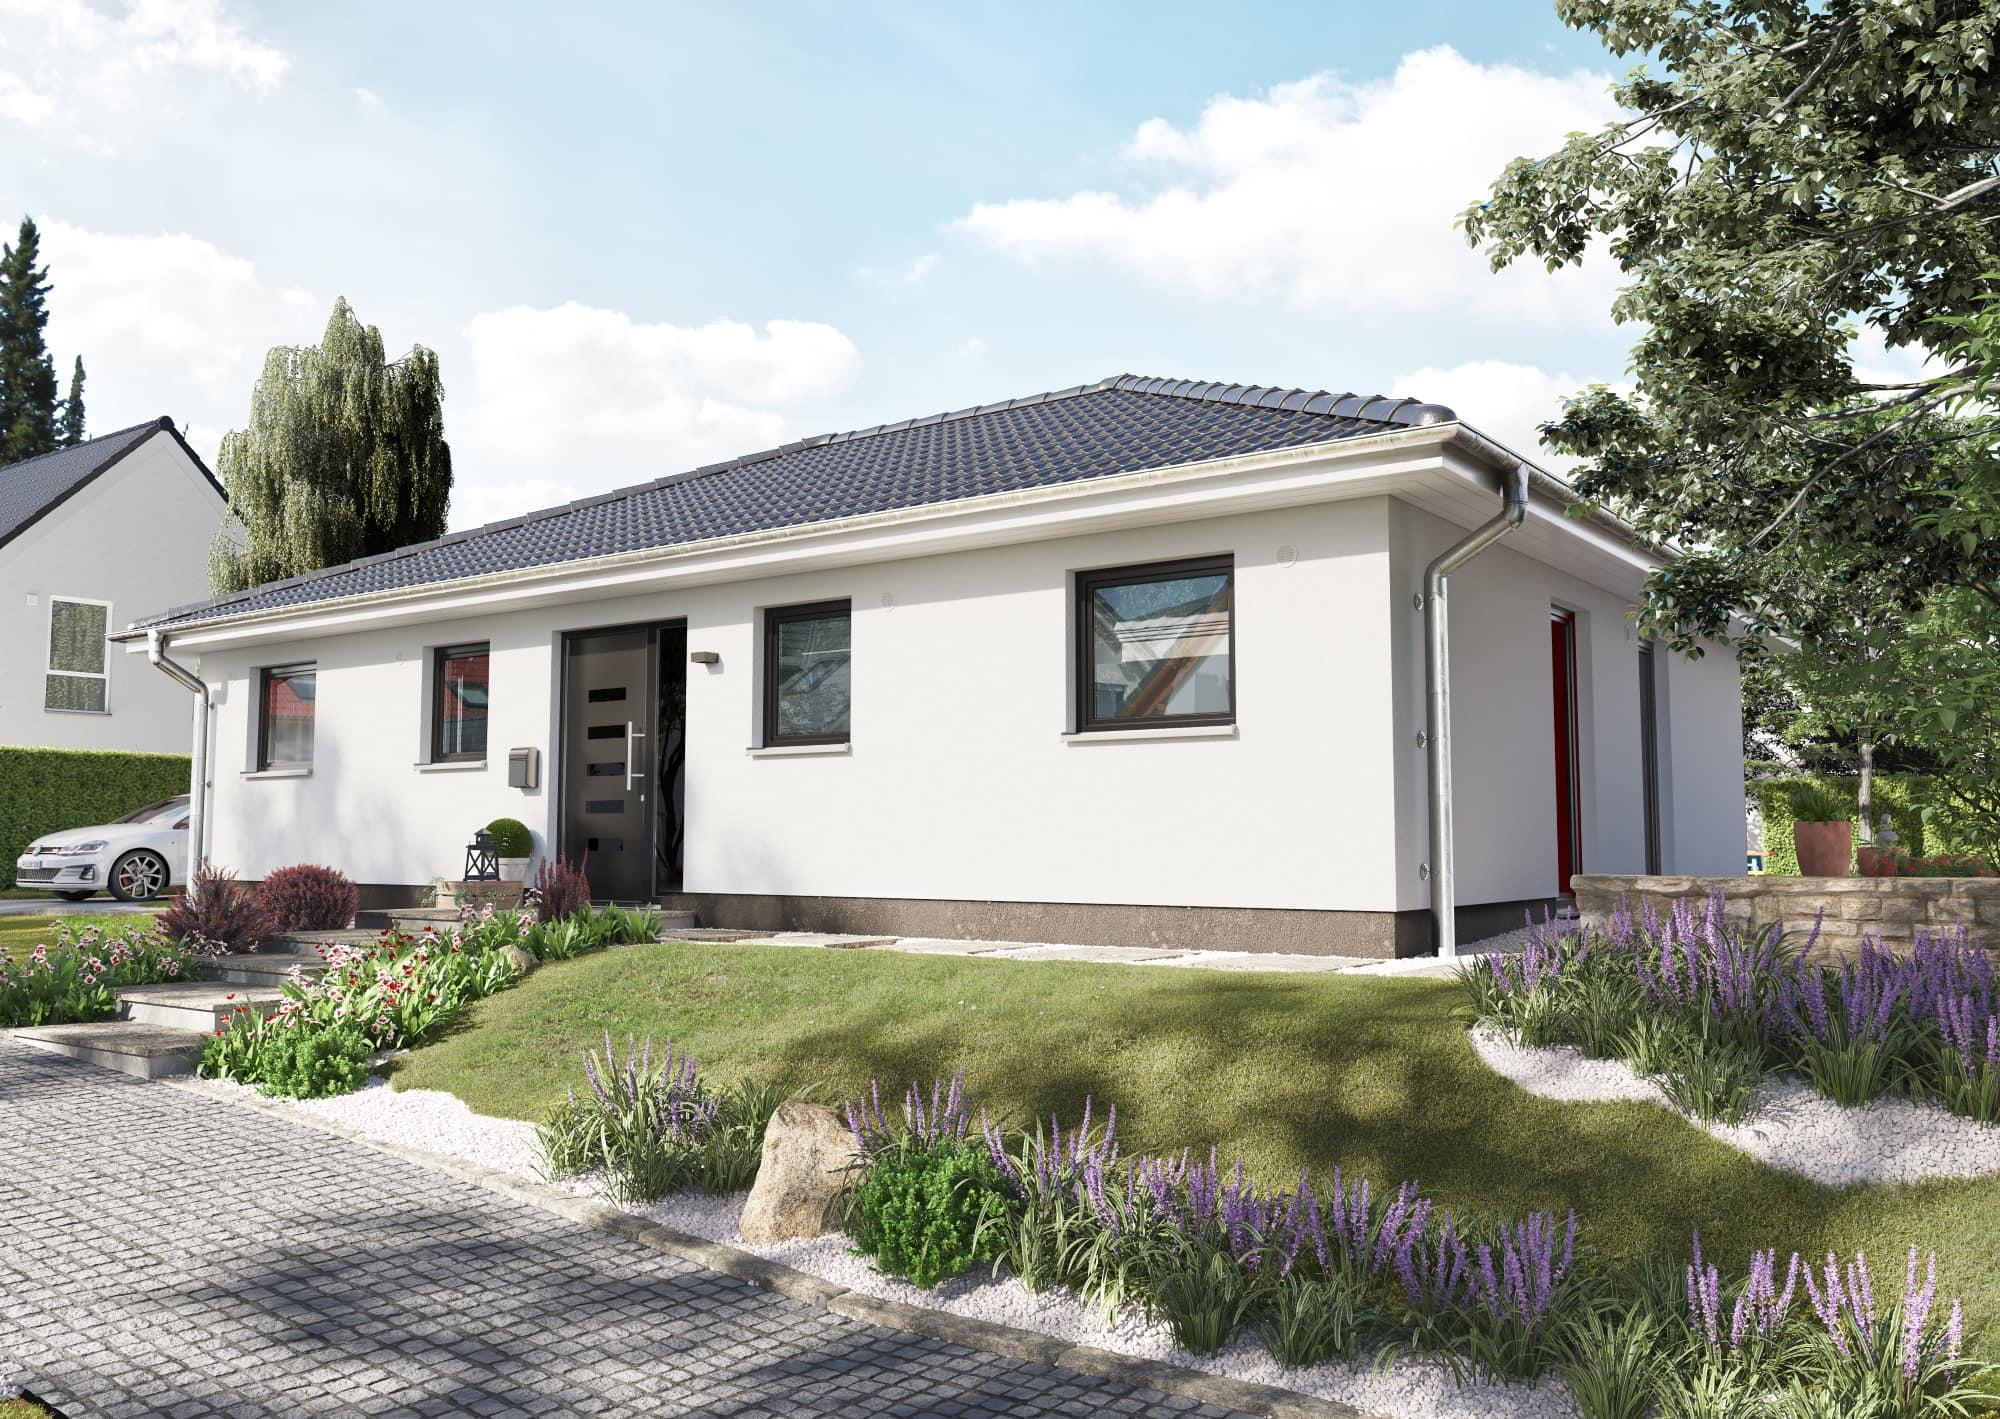 Massivhaus Bungalow Neubau mit Walmdach Architektur, 4 Zimmer, 108 qm - Haus bauen Ideen Town Country Haus Bungalow 110 Elegance - HausbauDirekt.de